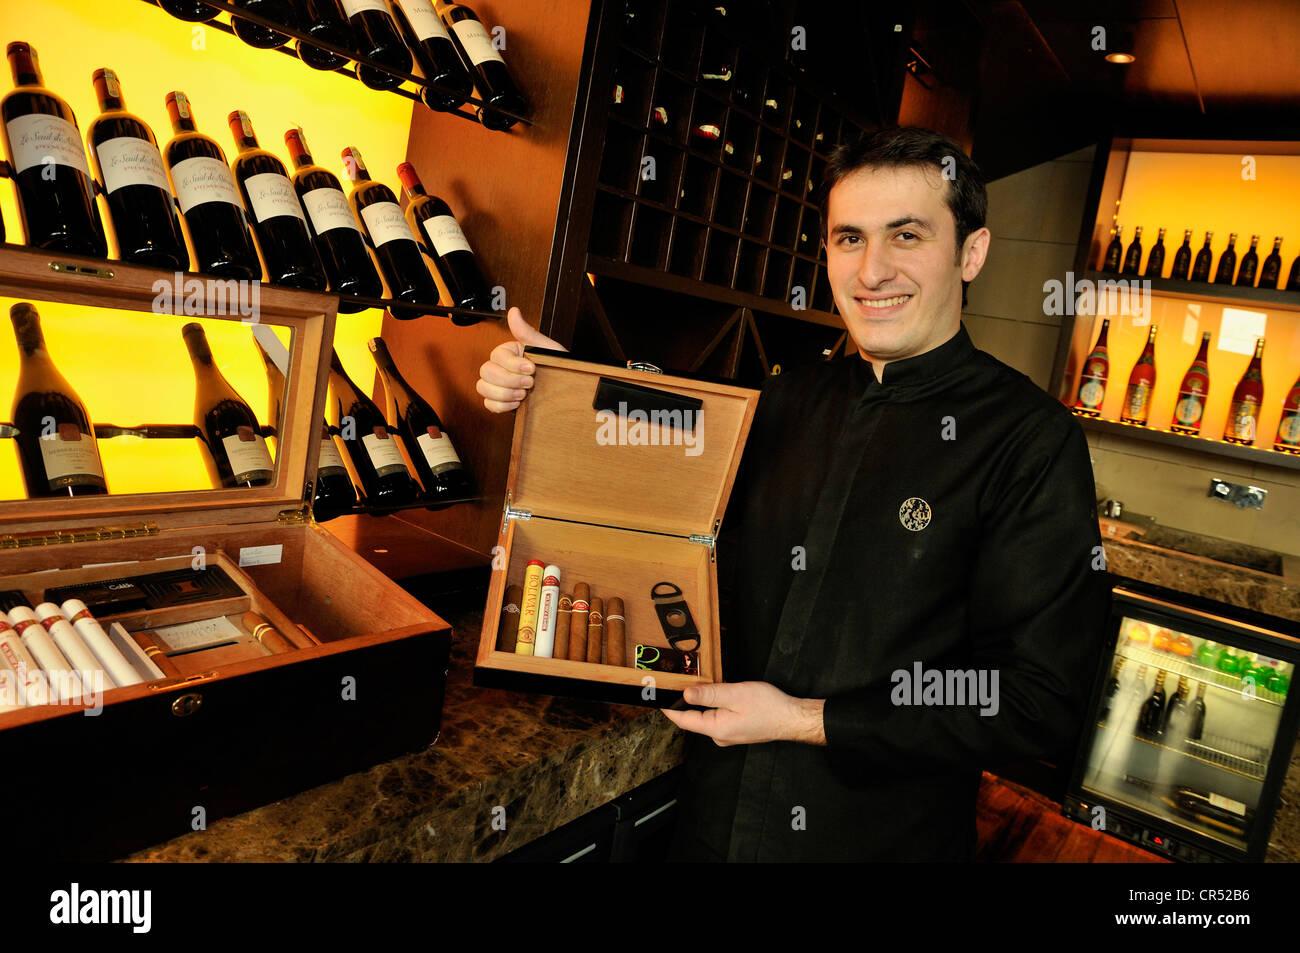 Kellner halten eine Schachtel Zigarren im Restaurant Ç?nar, Baku, Aserbaidschan, Kaukasus, Naher Osten, Asien Stockbild